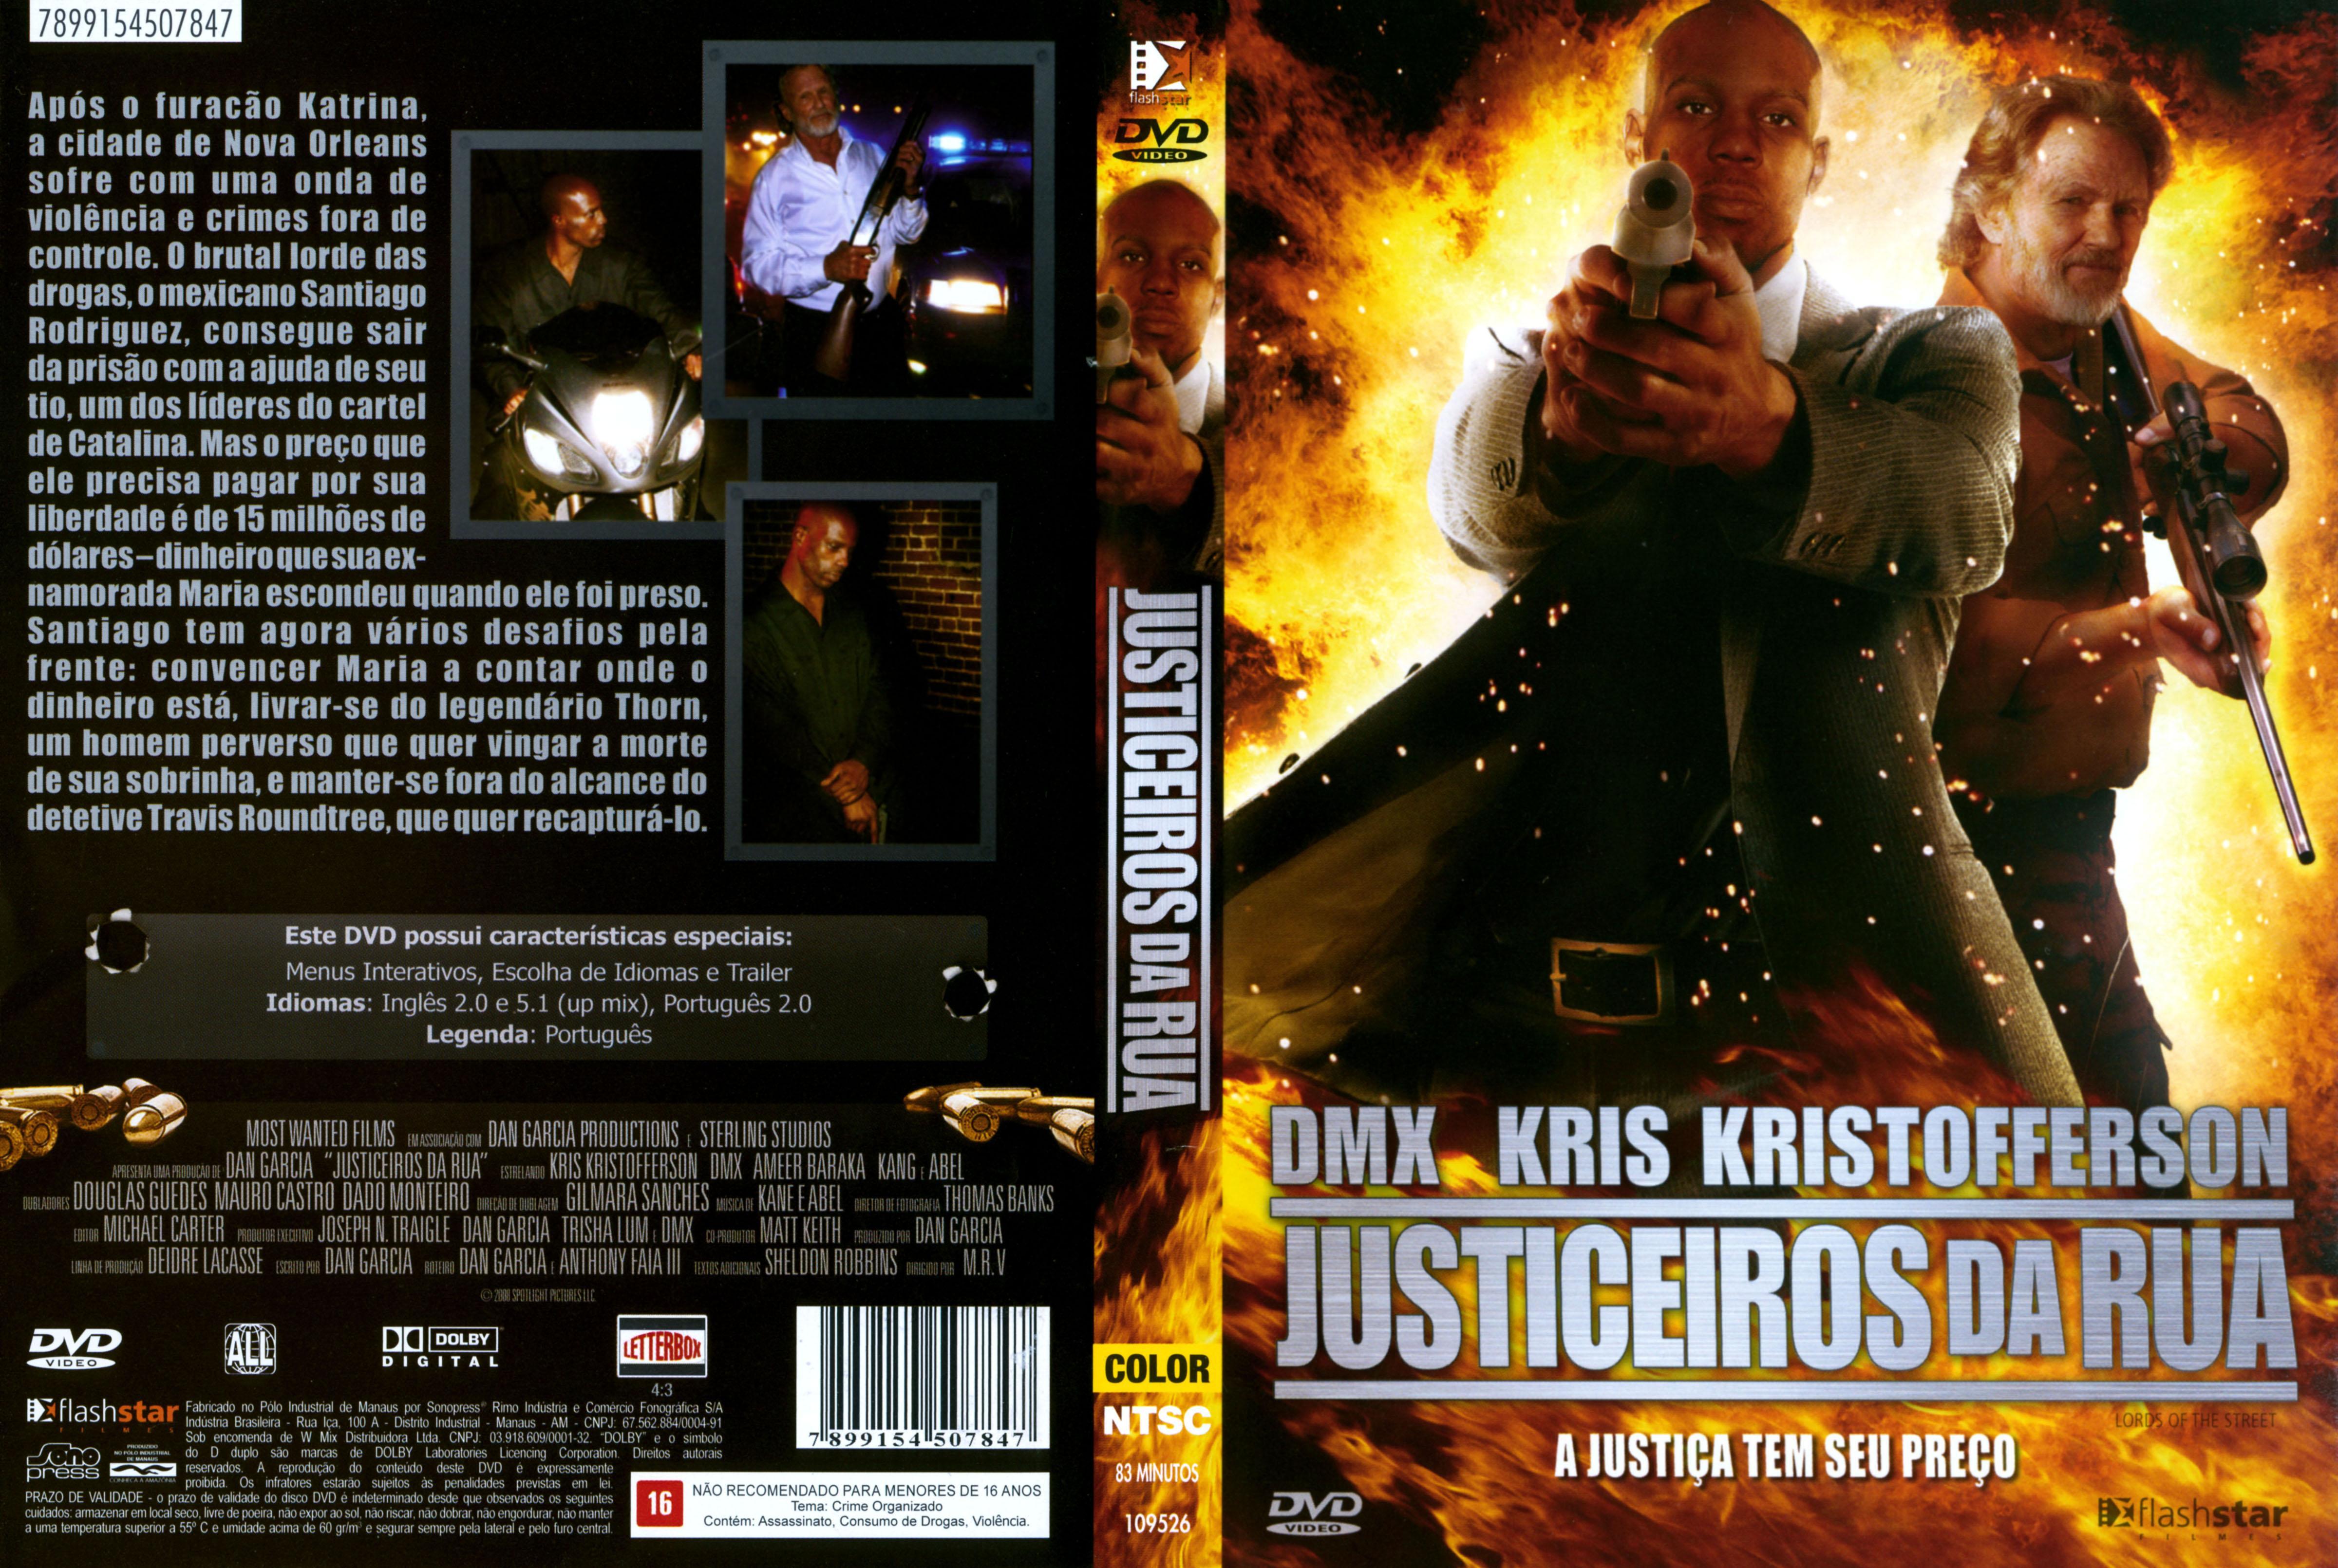 JusticeirosDaRua